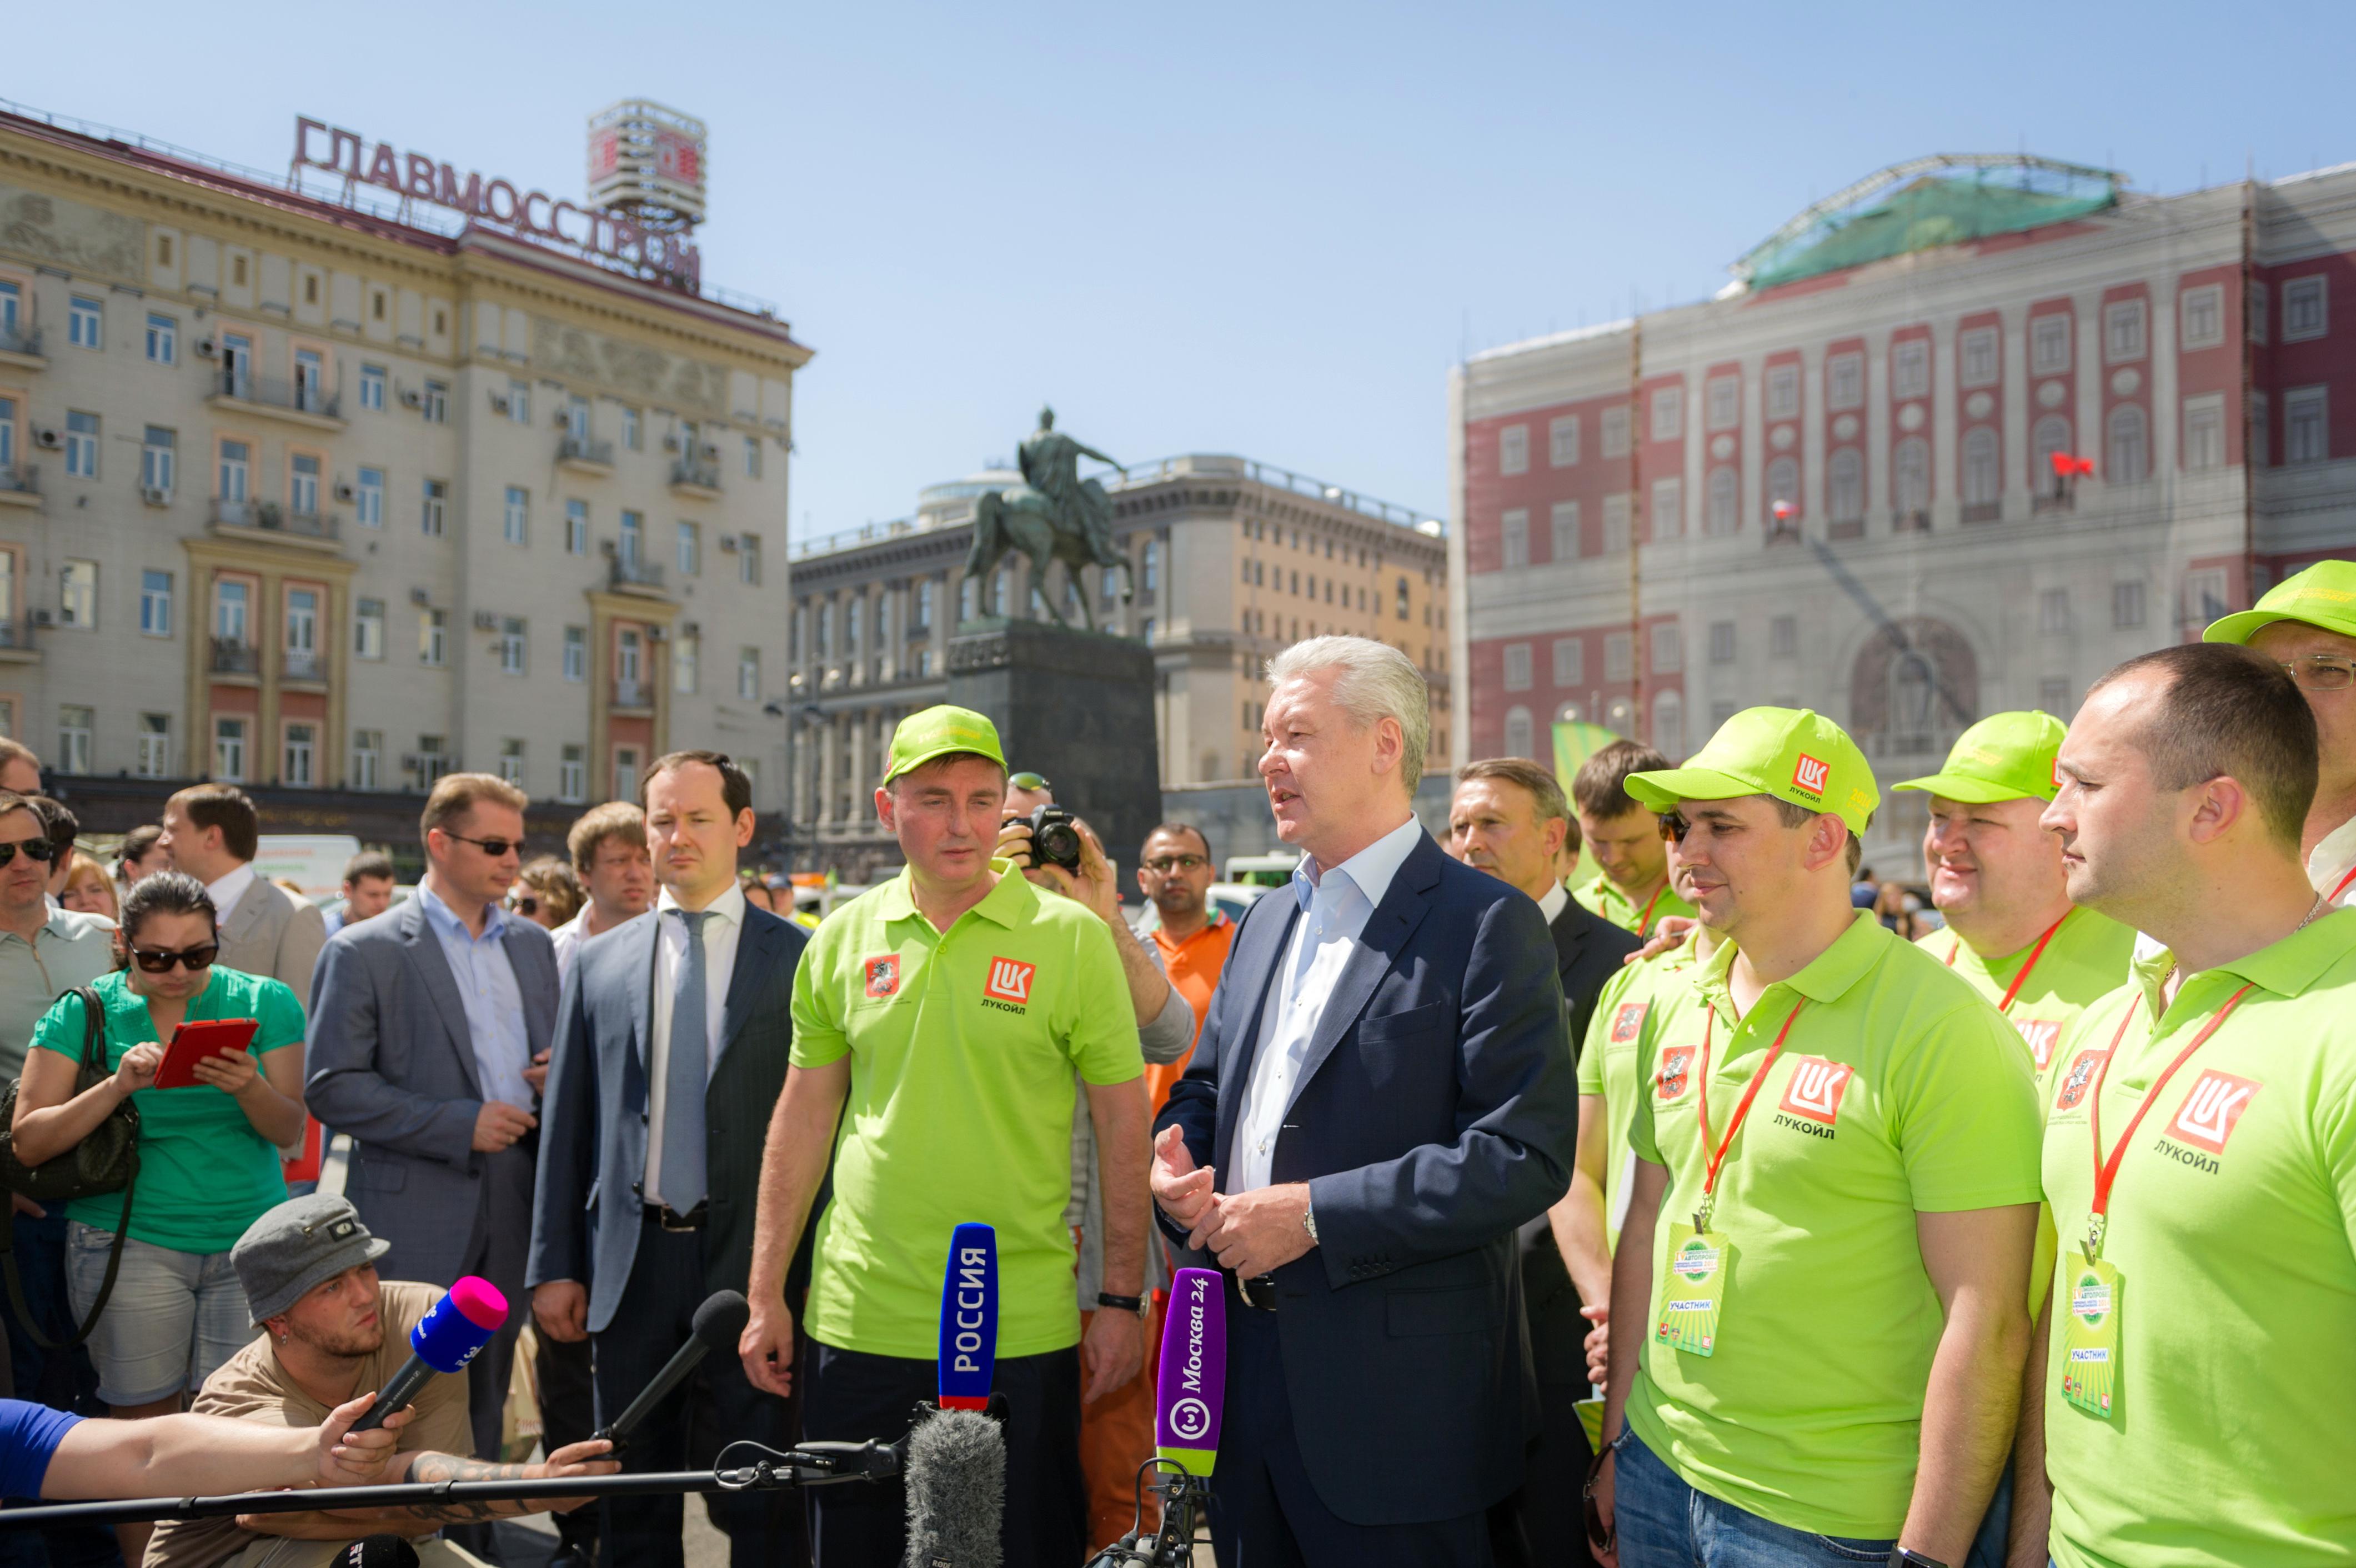 Сергей Собянин на открытии ежегодного экологического автопробега в Москве